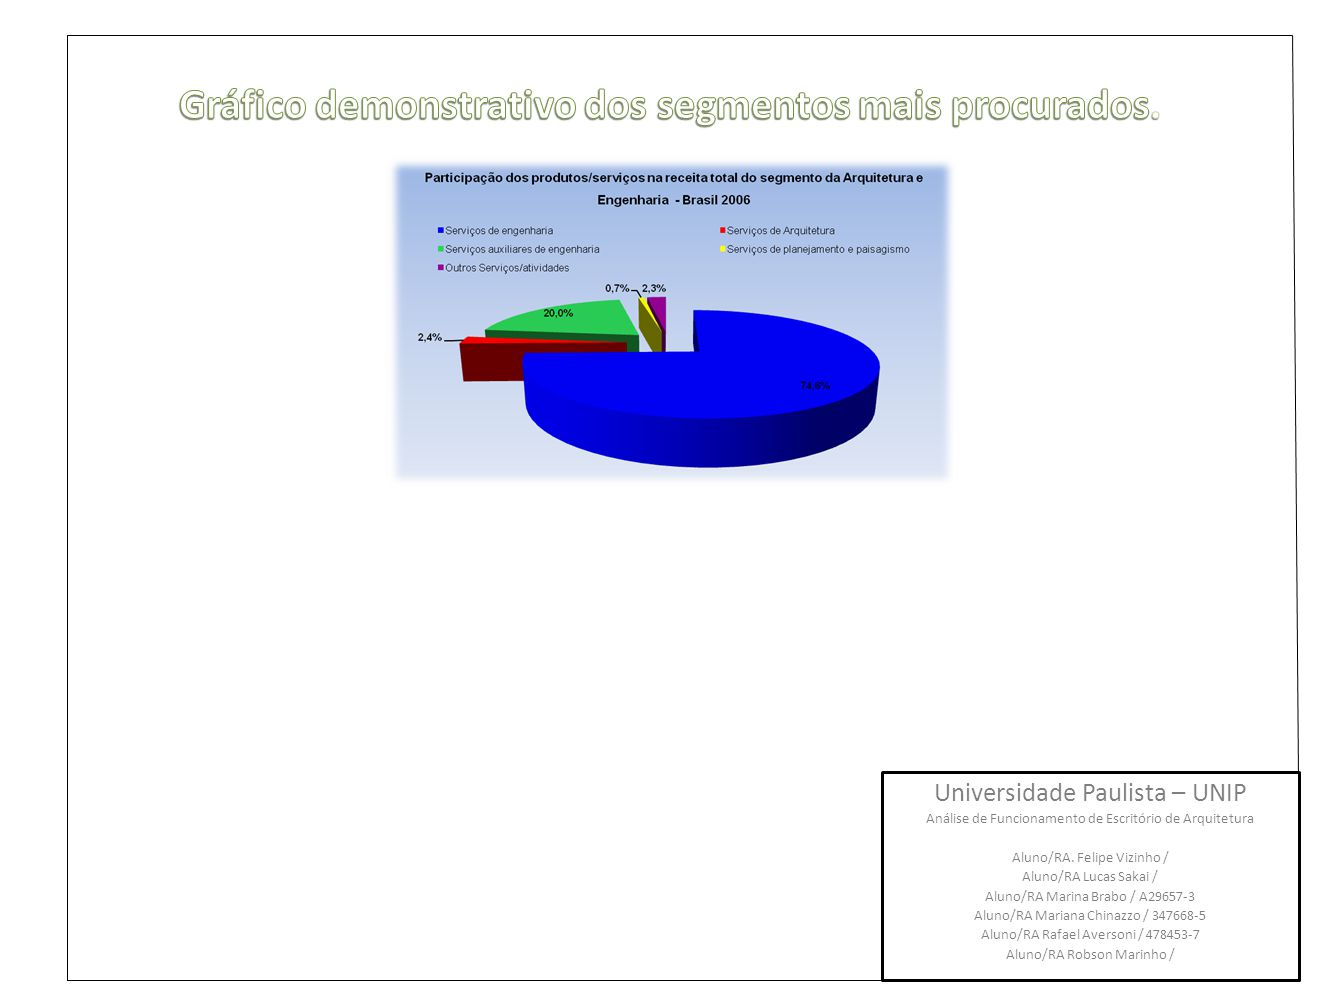 Gráfico demonstrativo dos segmentos mais procurados.